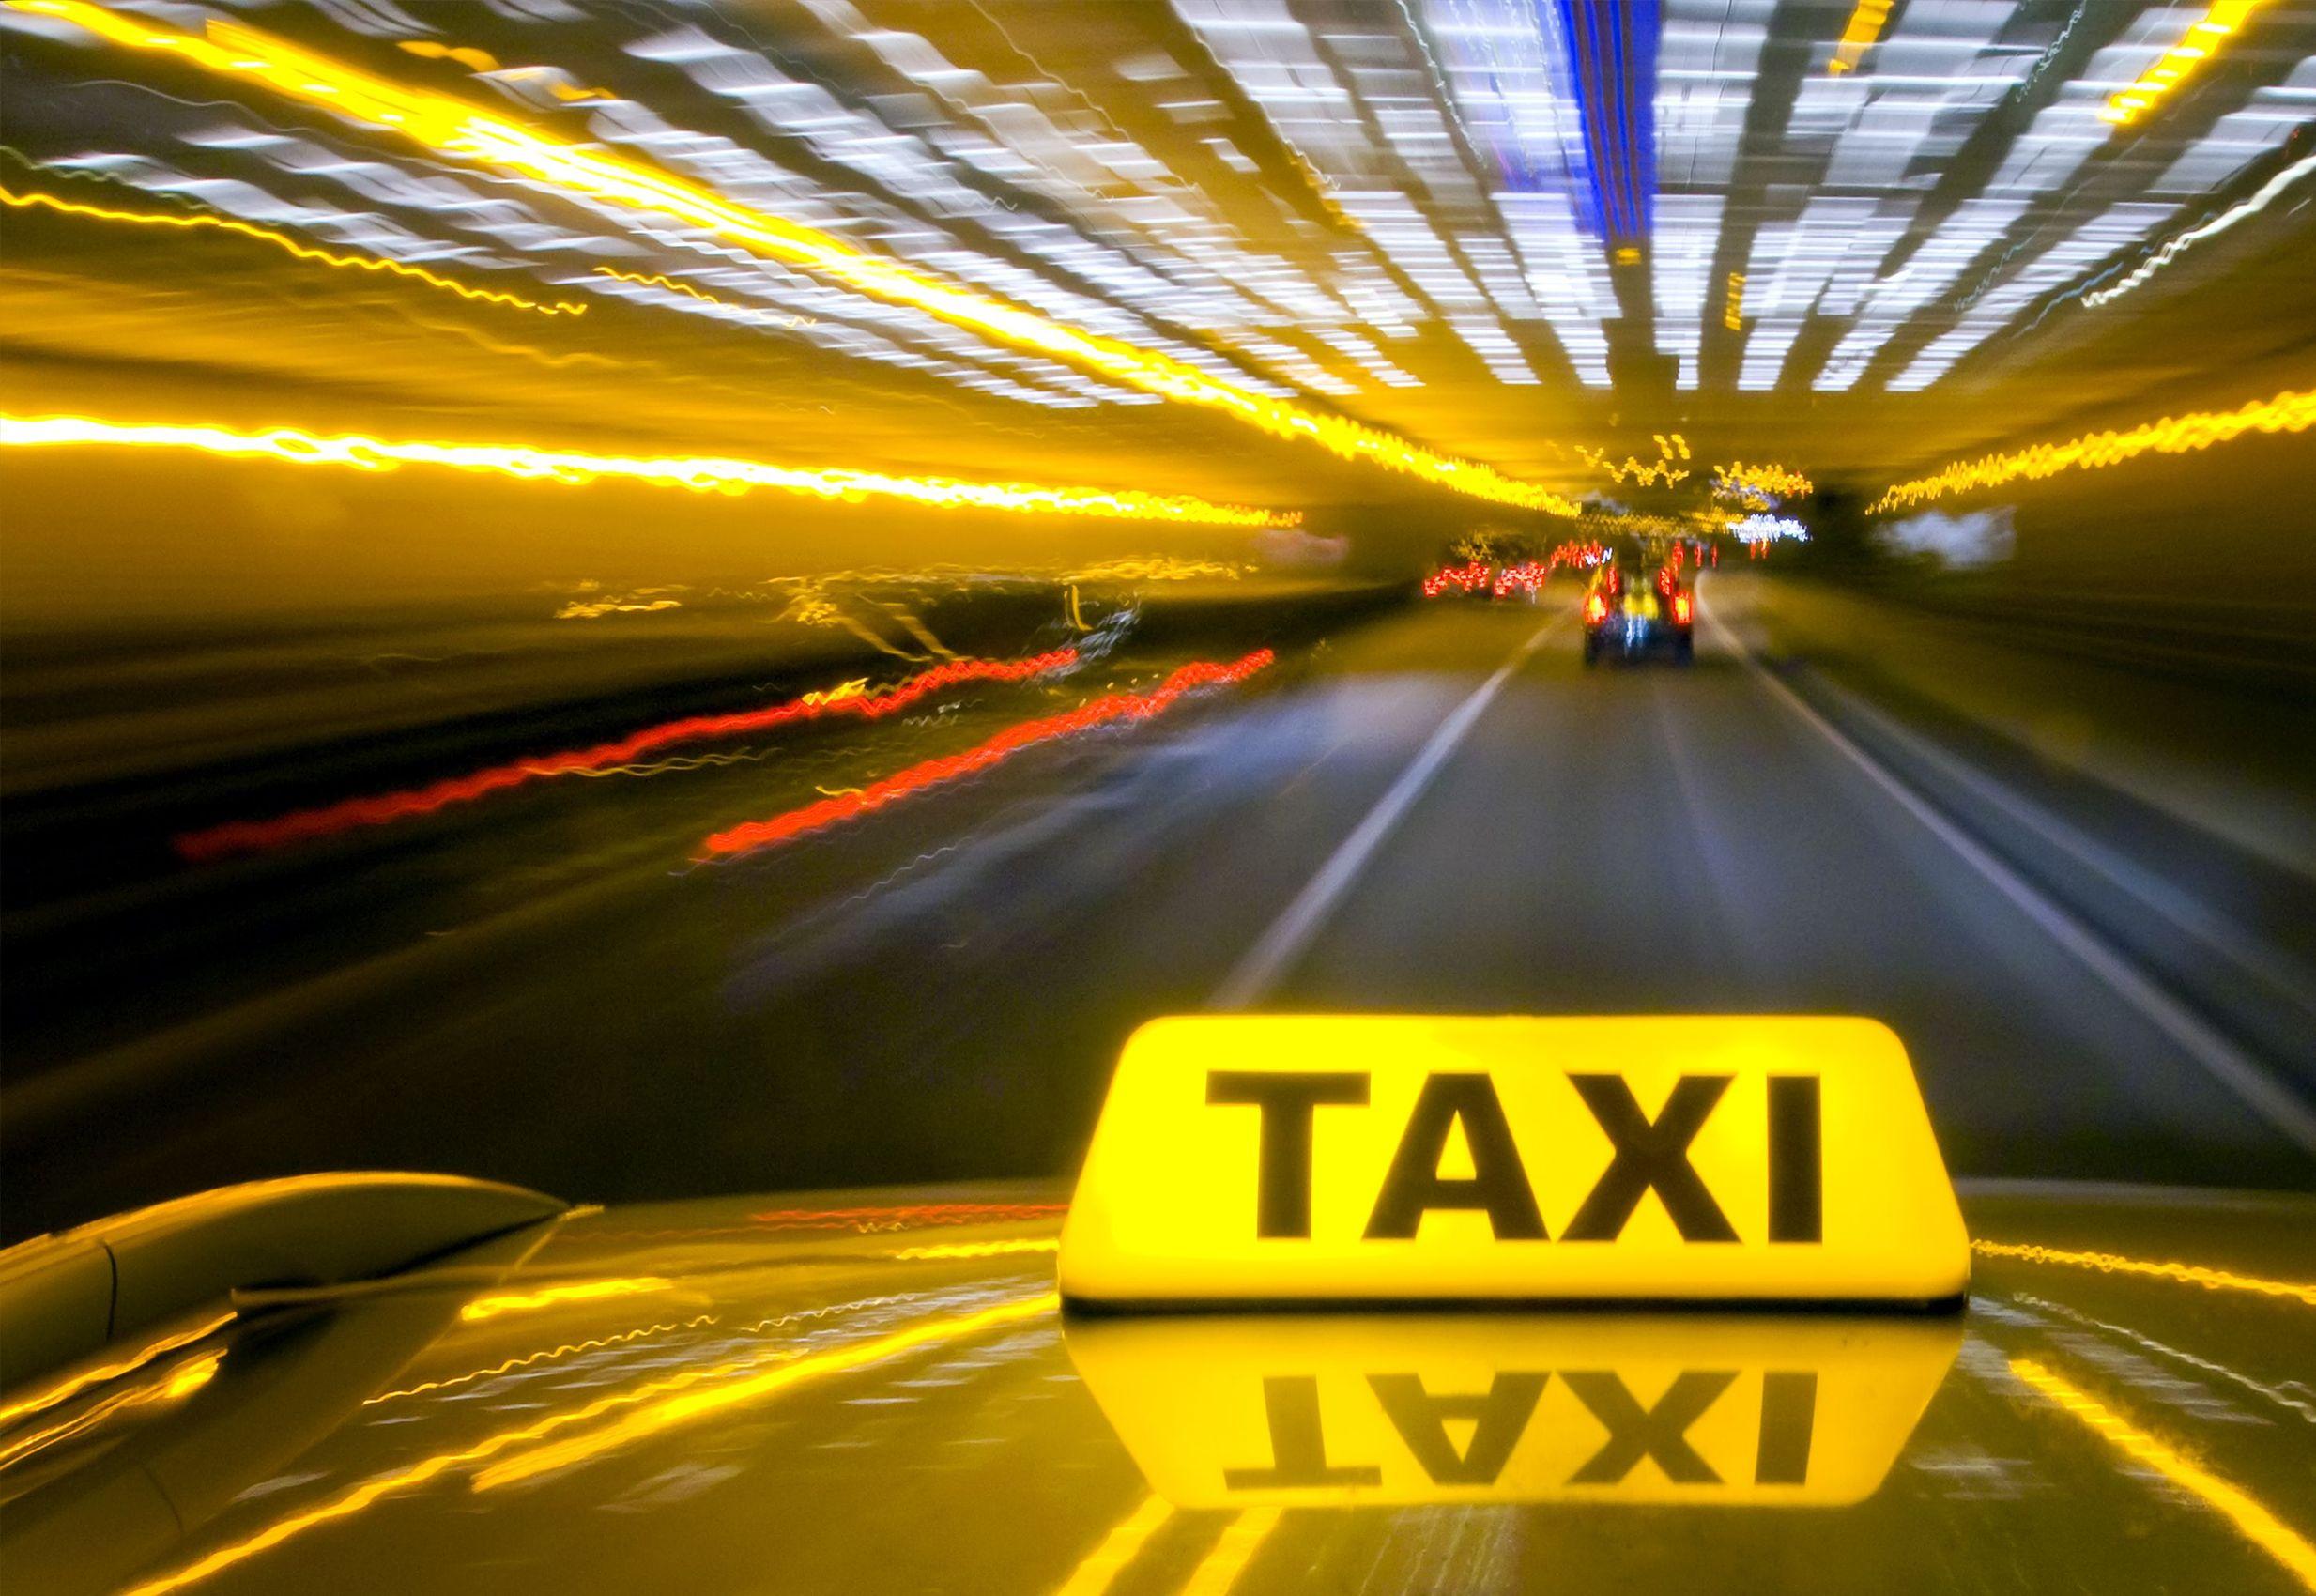 Бесплатная доставка на такси!!!